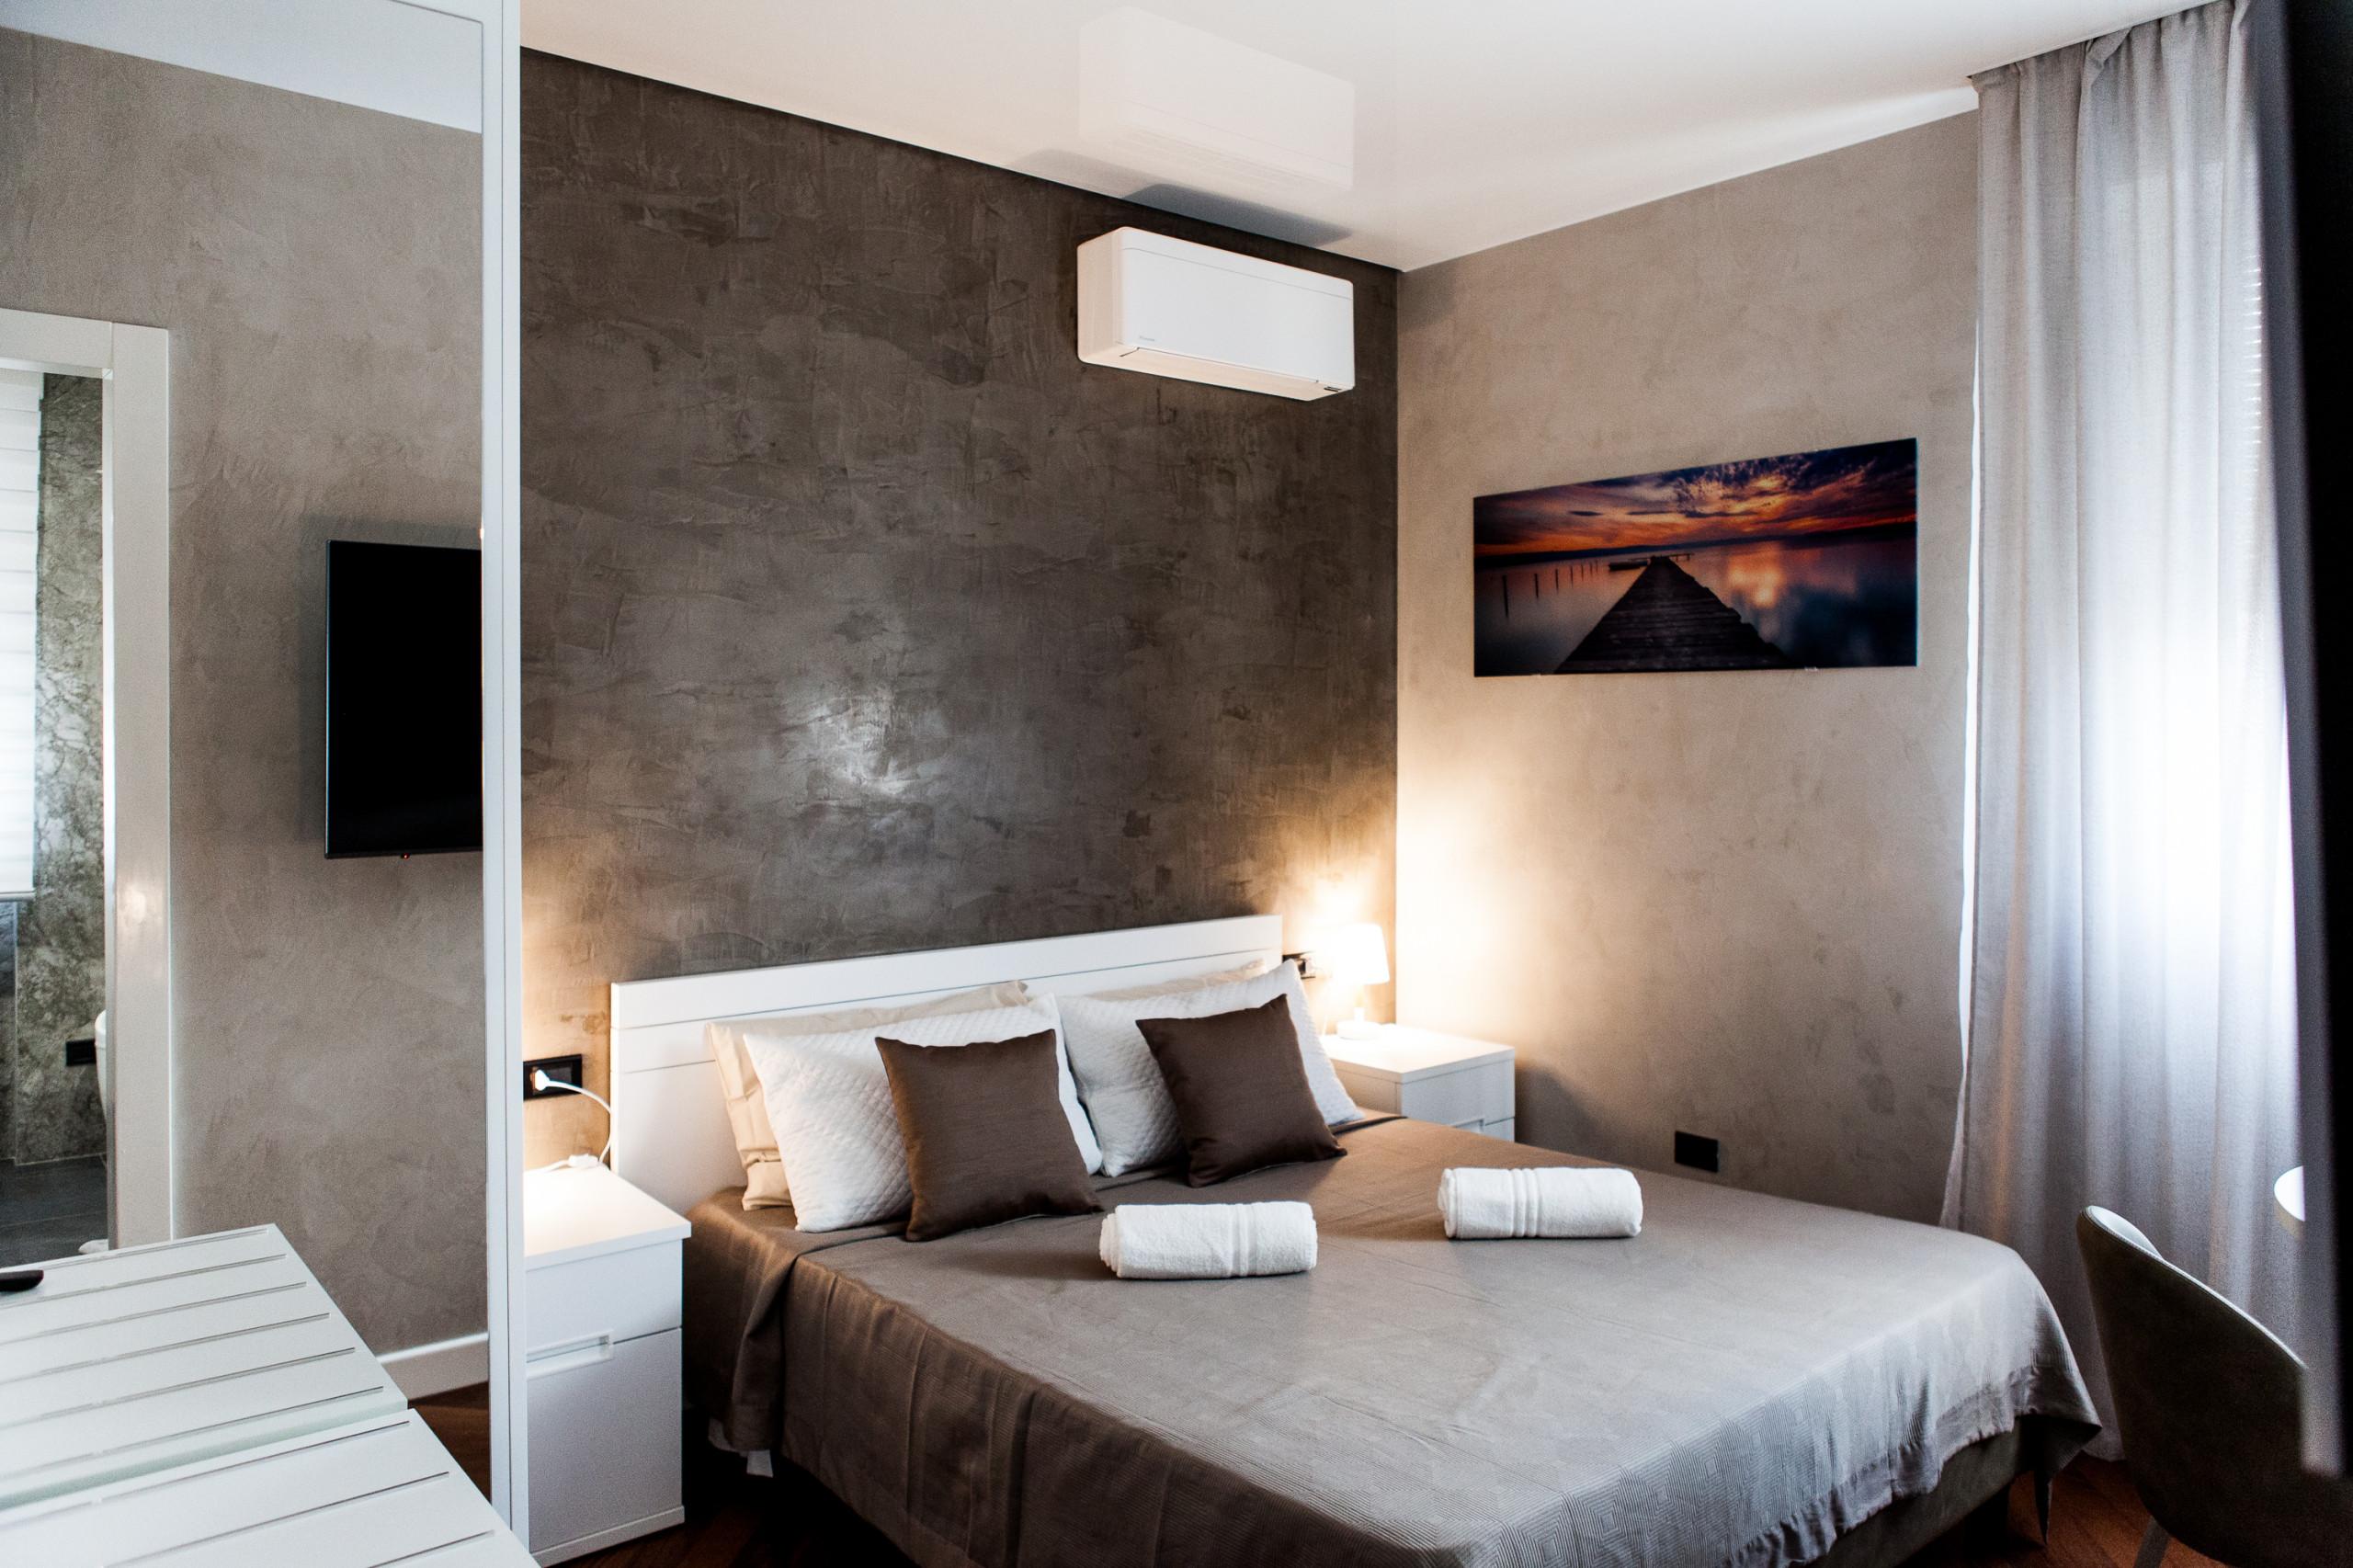 Villa PM | Ristrutturazione zona notte 70 mq